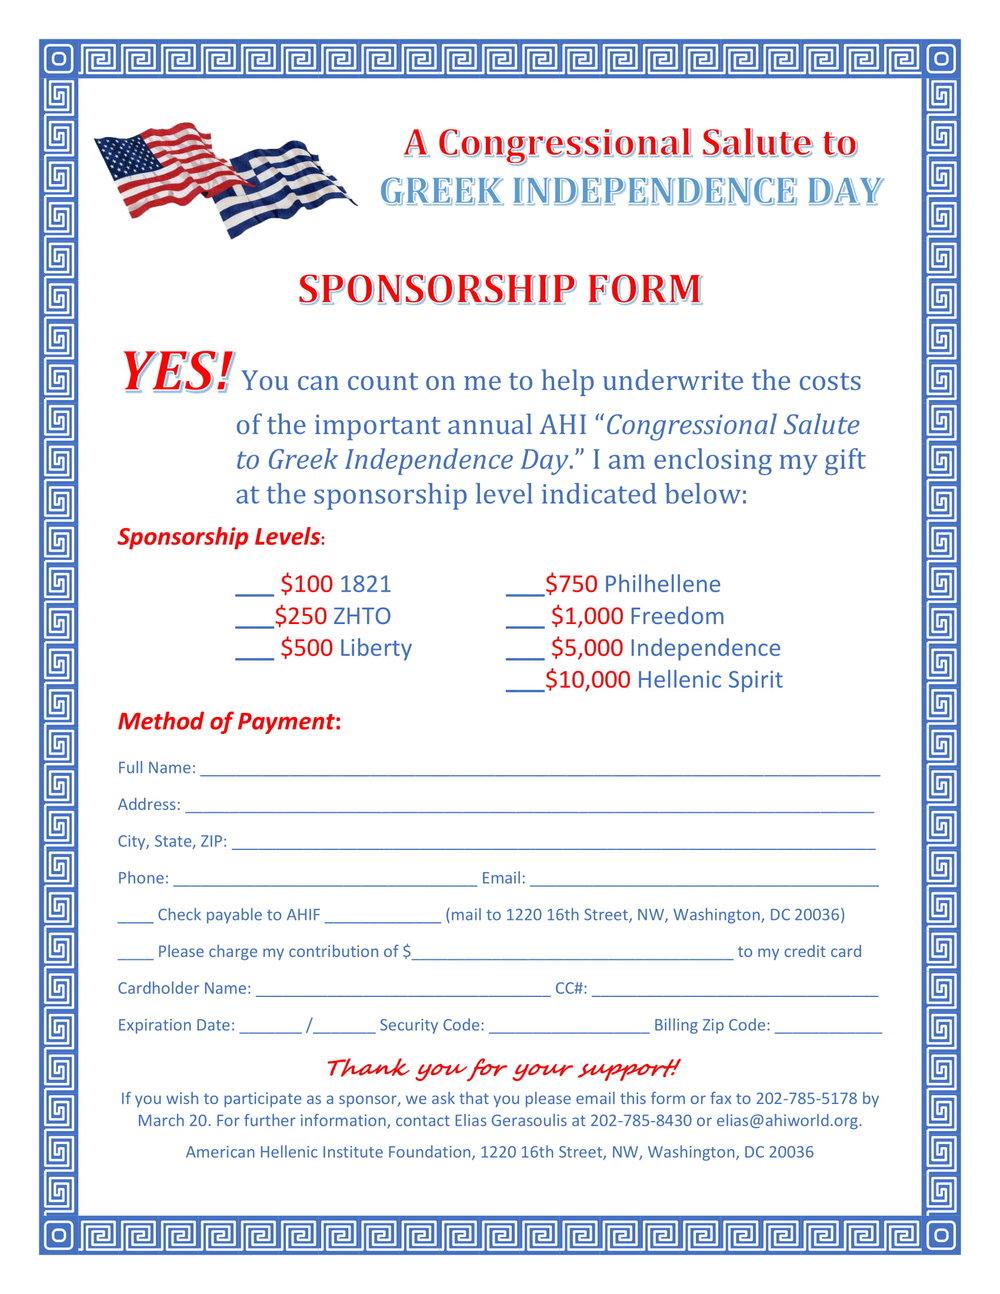 A Congressional Salute Sponsorhip Form_2019-1.jpg